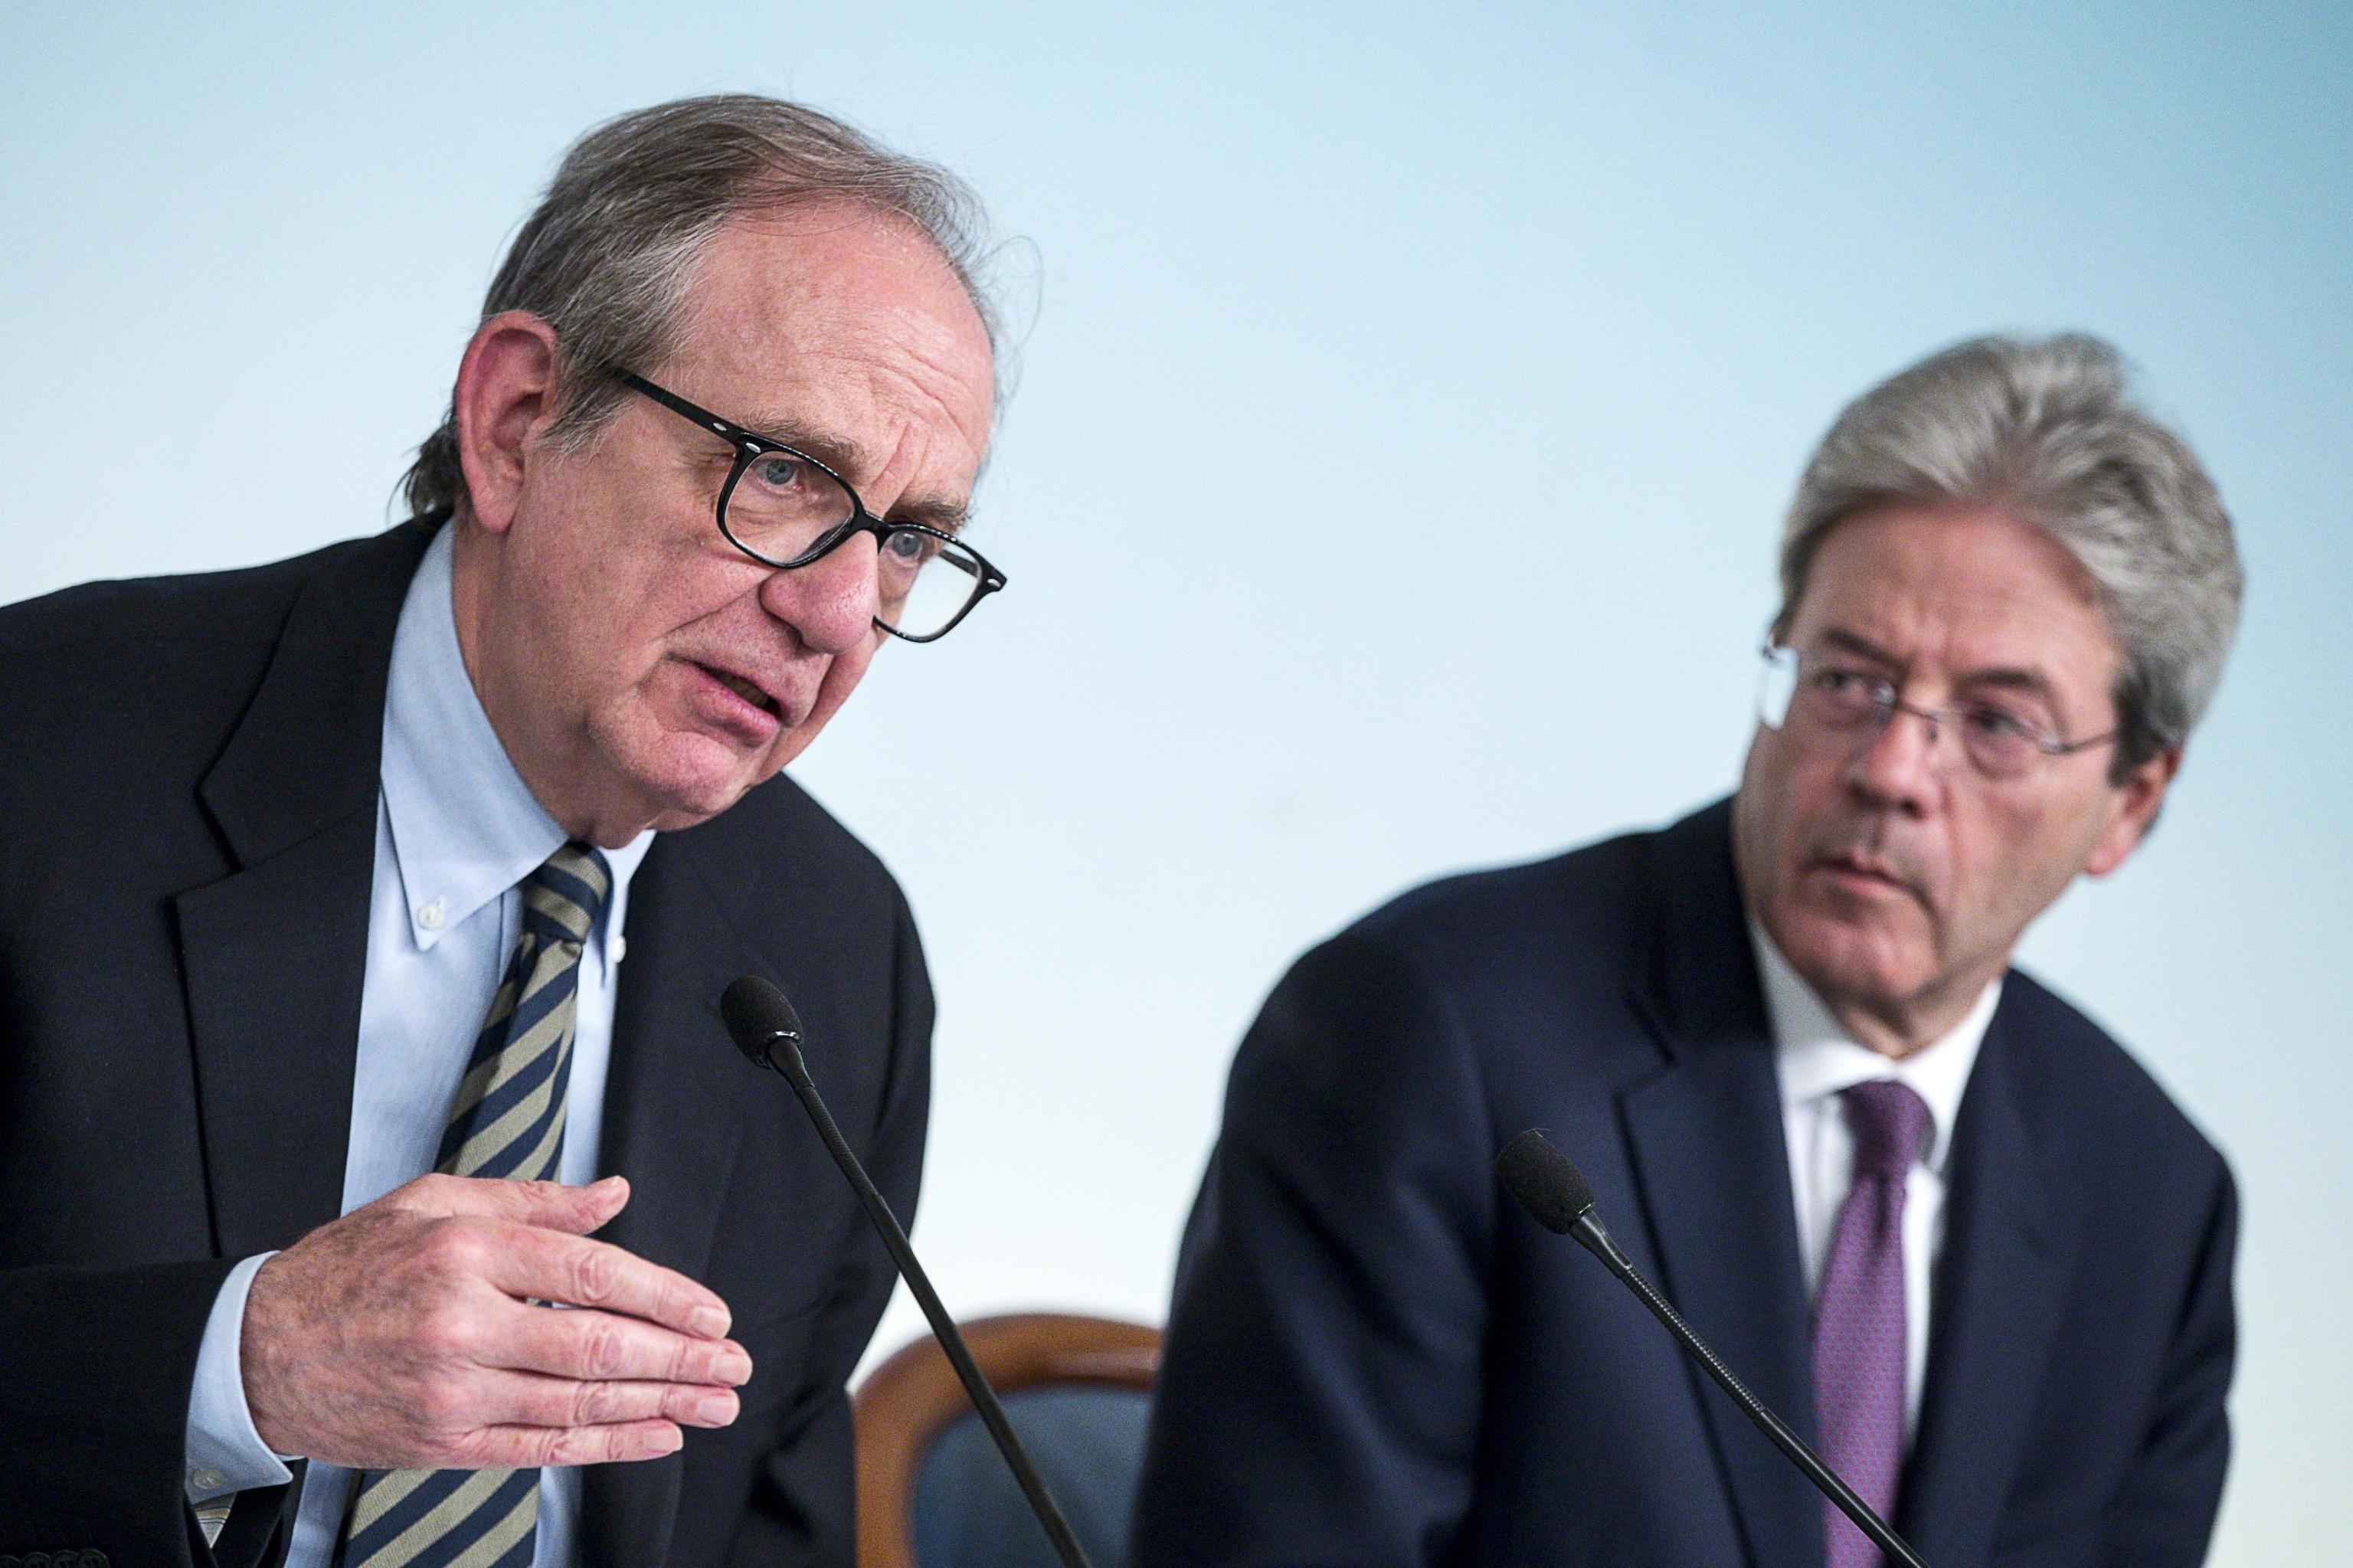 Pensioni: senza la riforma Fornero il debito pubblico oscillerebbe tra il 150 e il 200% del PIL